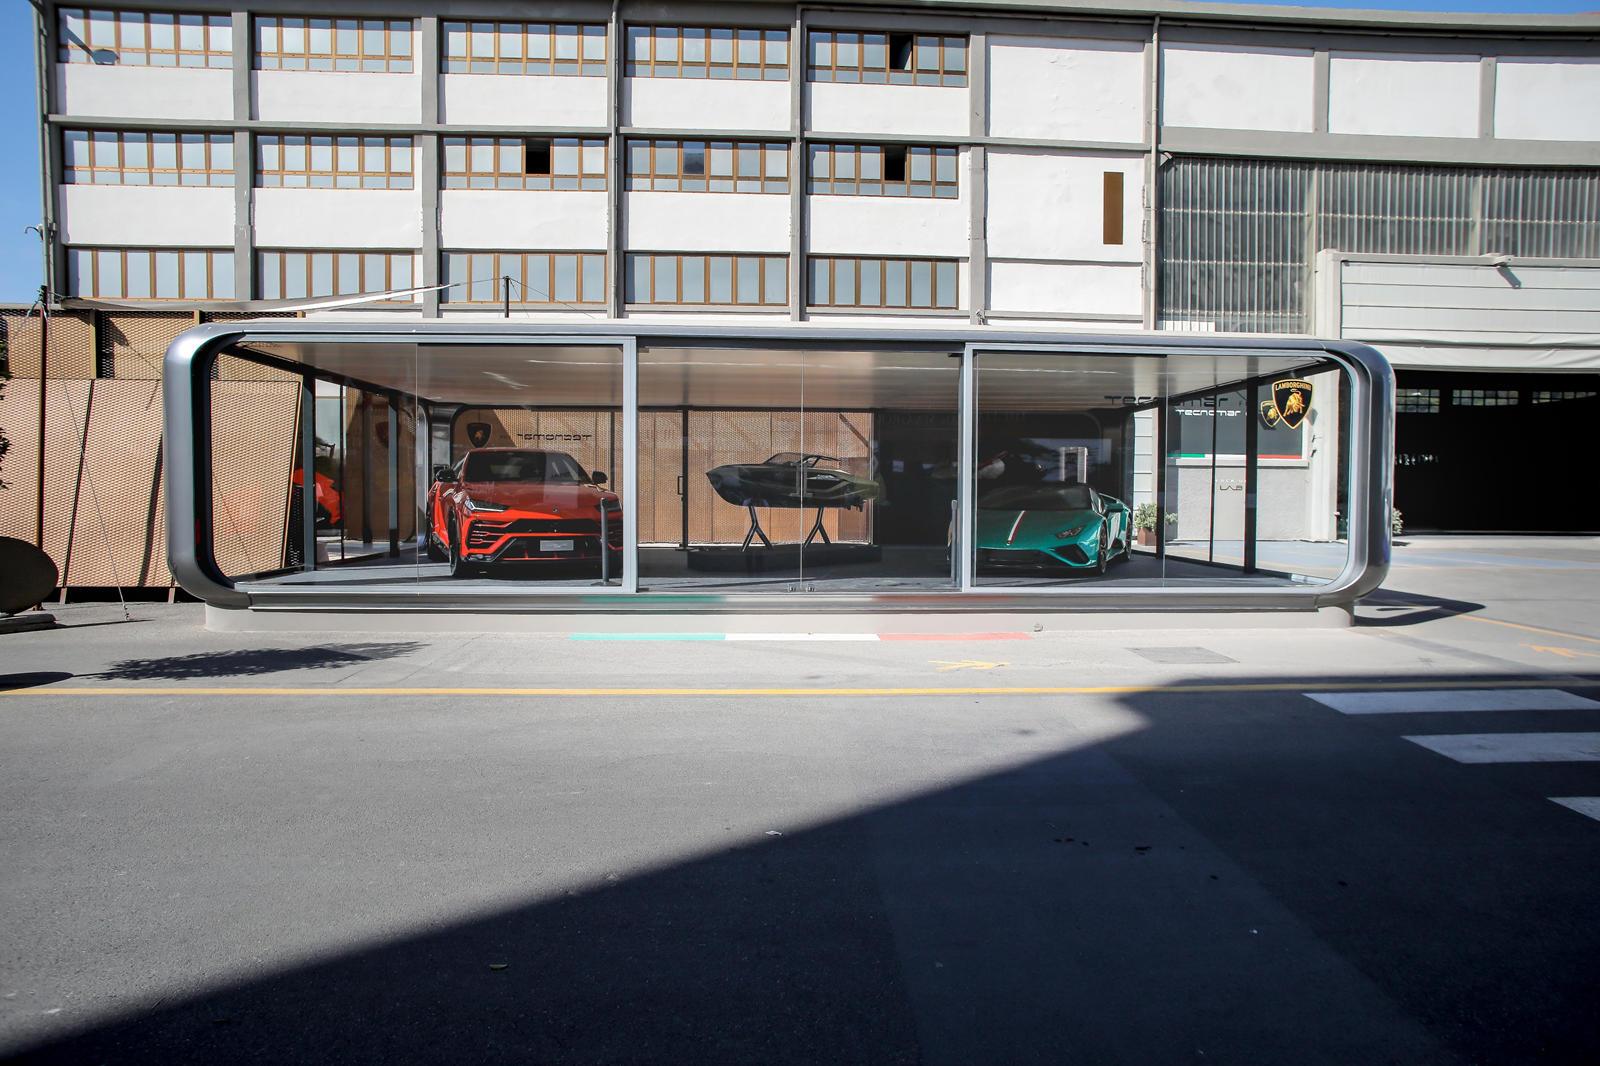 Как видно из дизайна (и, в данном случае, цветовой схемы), супер-яхта вдохновлена Lamborghini Sian, выпуск которой также ограничен всего 63 единицами.